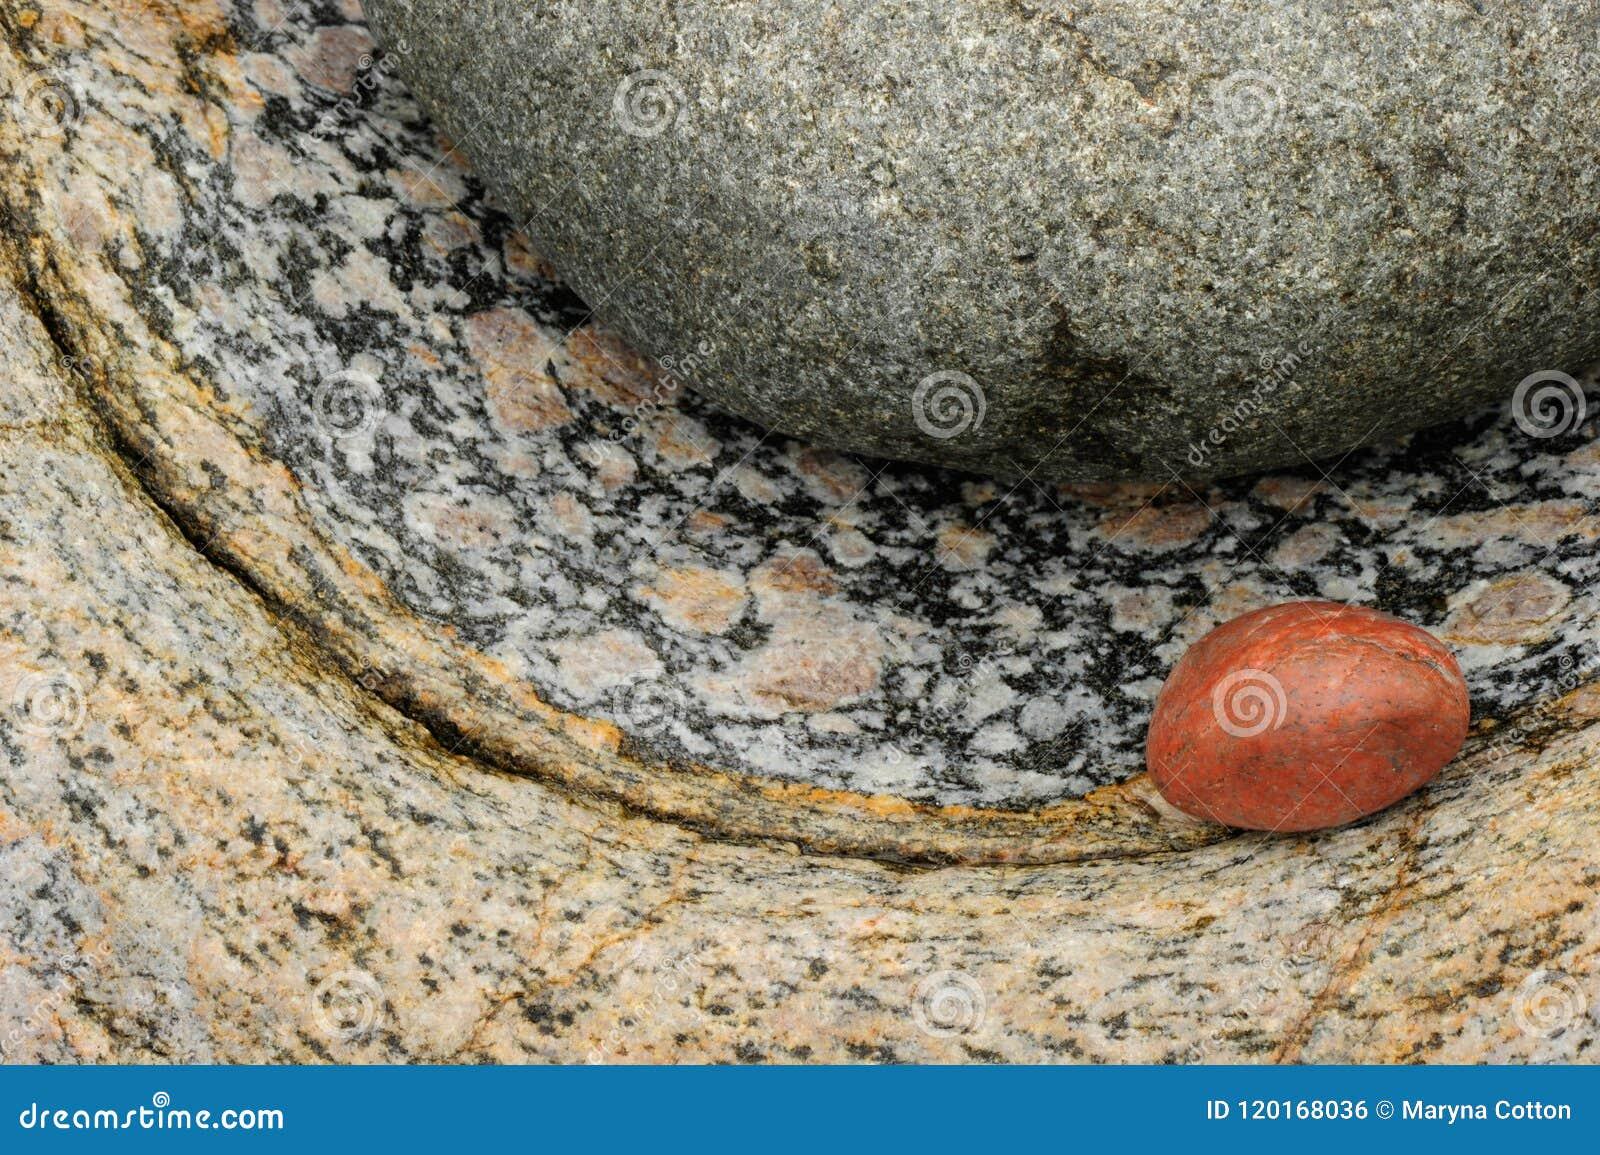 Närbilden av ett slätt rödaktigt vaggar mot färgad annan texturerat vaggar